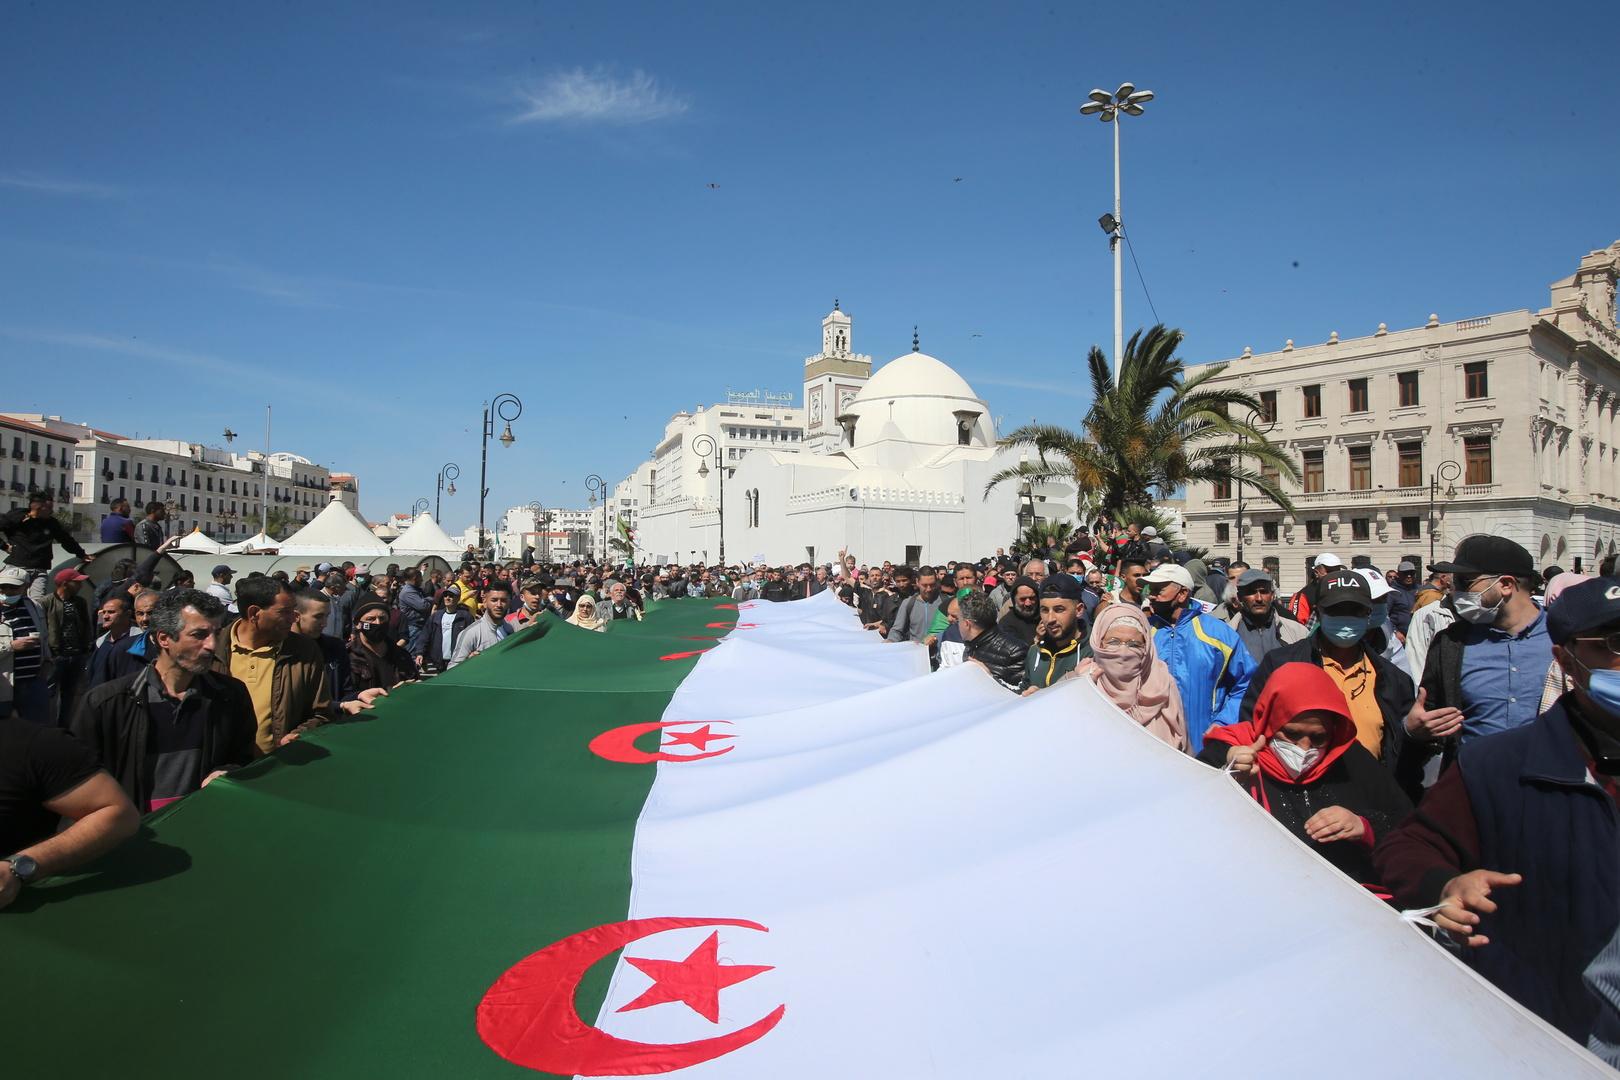 الحكومة الجزائرية تتهم أطرافا خارجية باستخدام الحراك الجديد